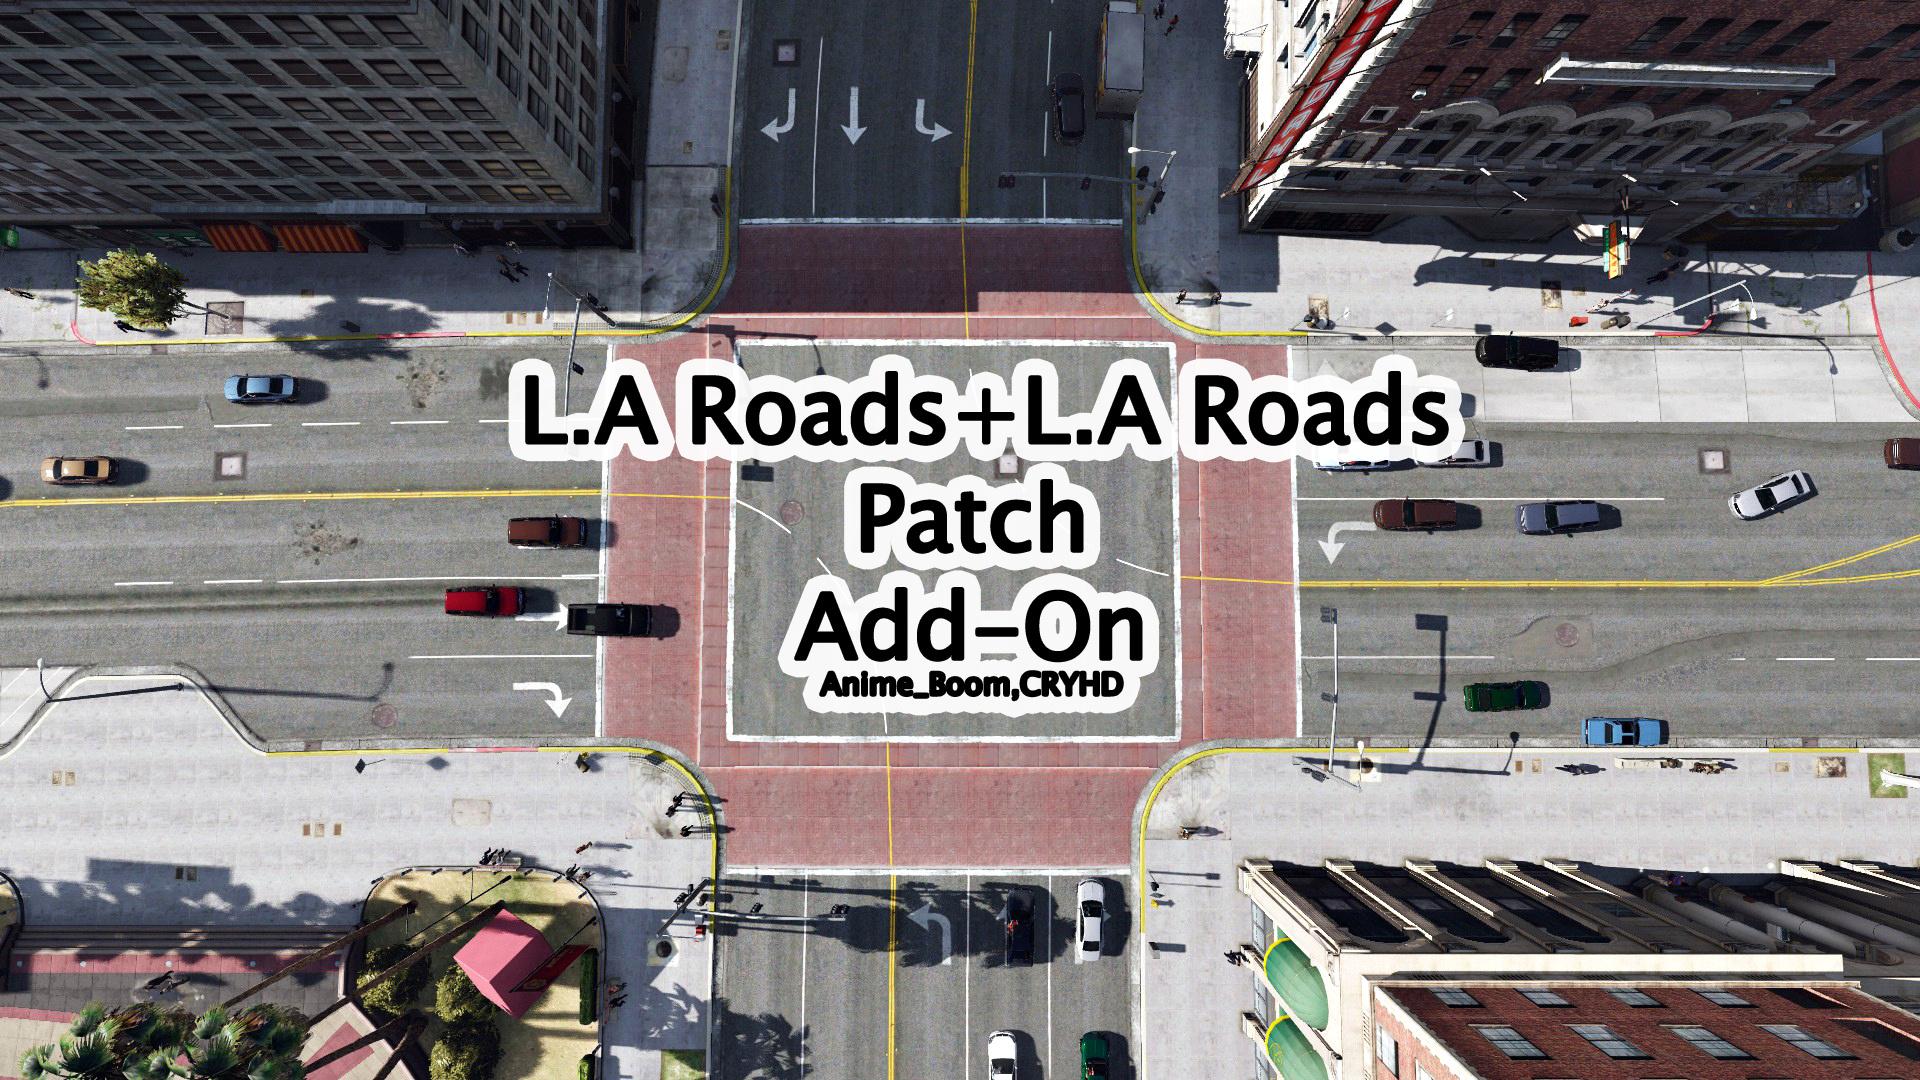 L A  Roads + L A  Roads Patch [Add-On] - GTA5-Mods com